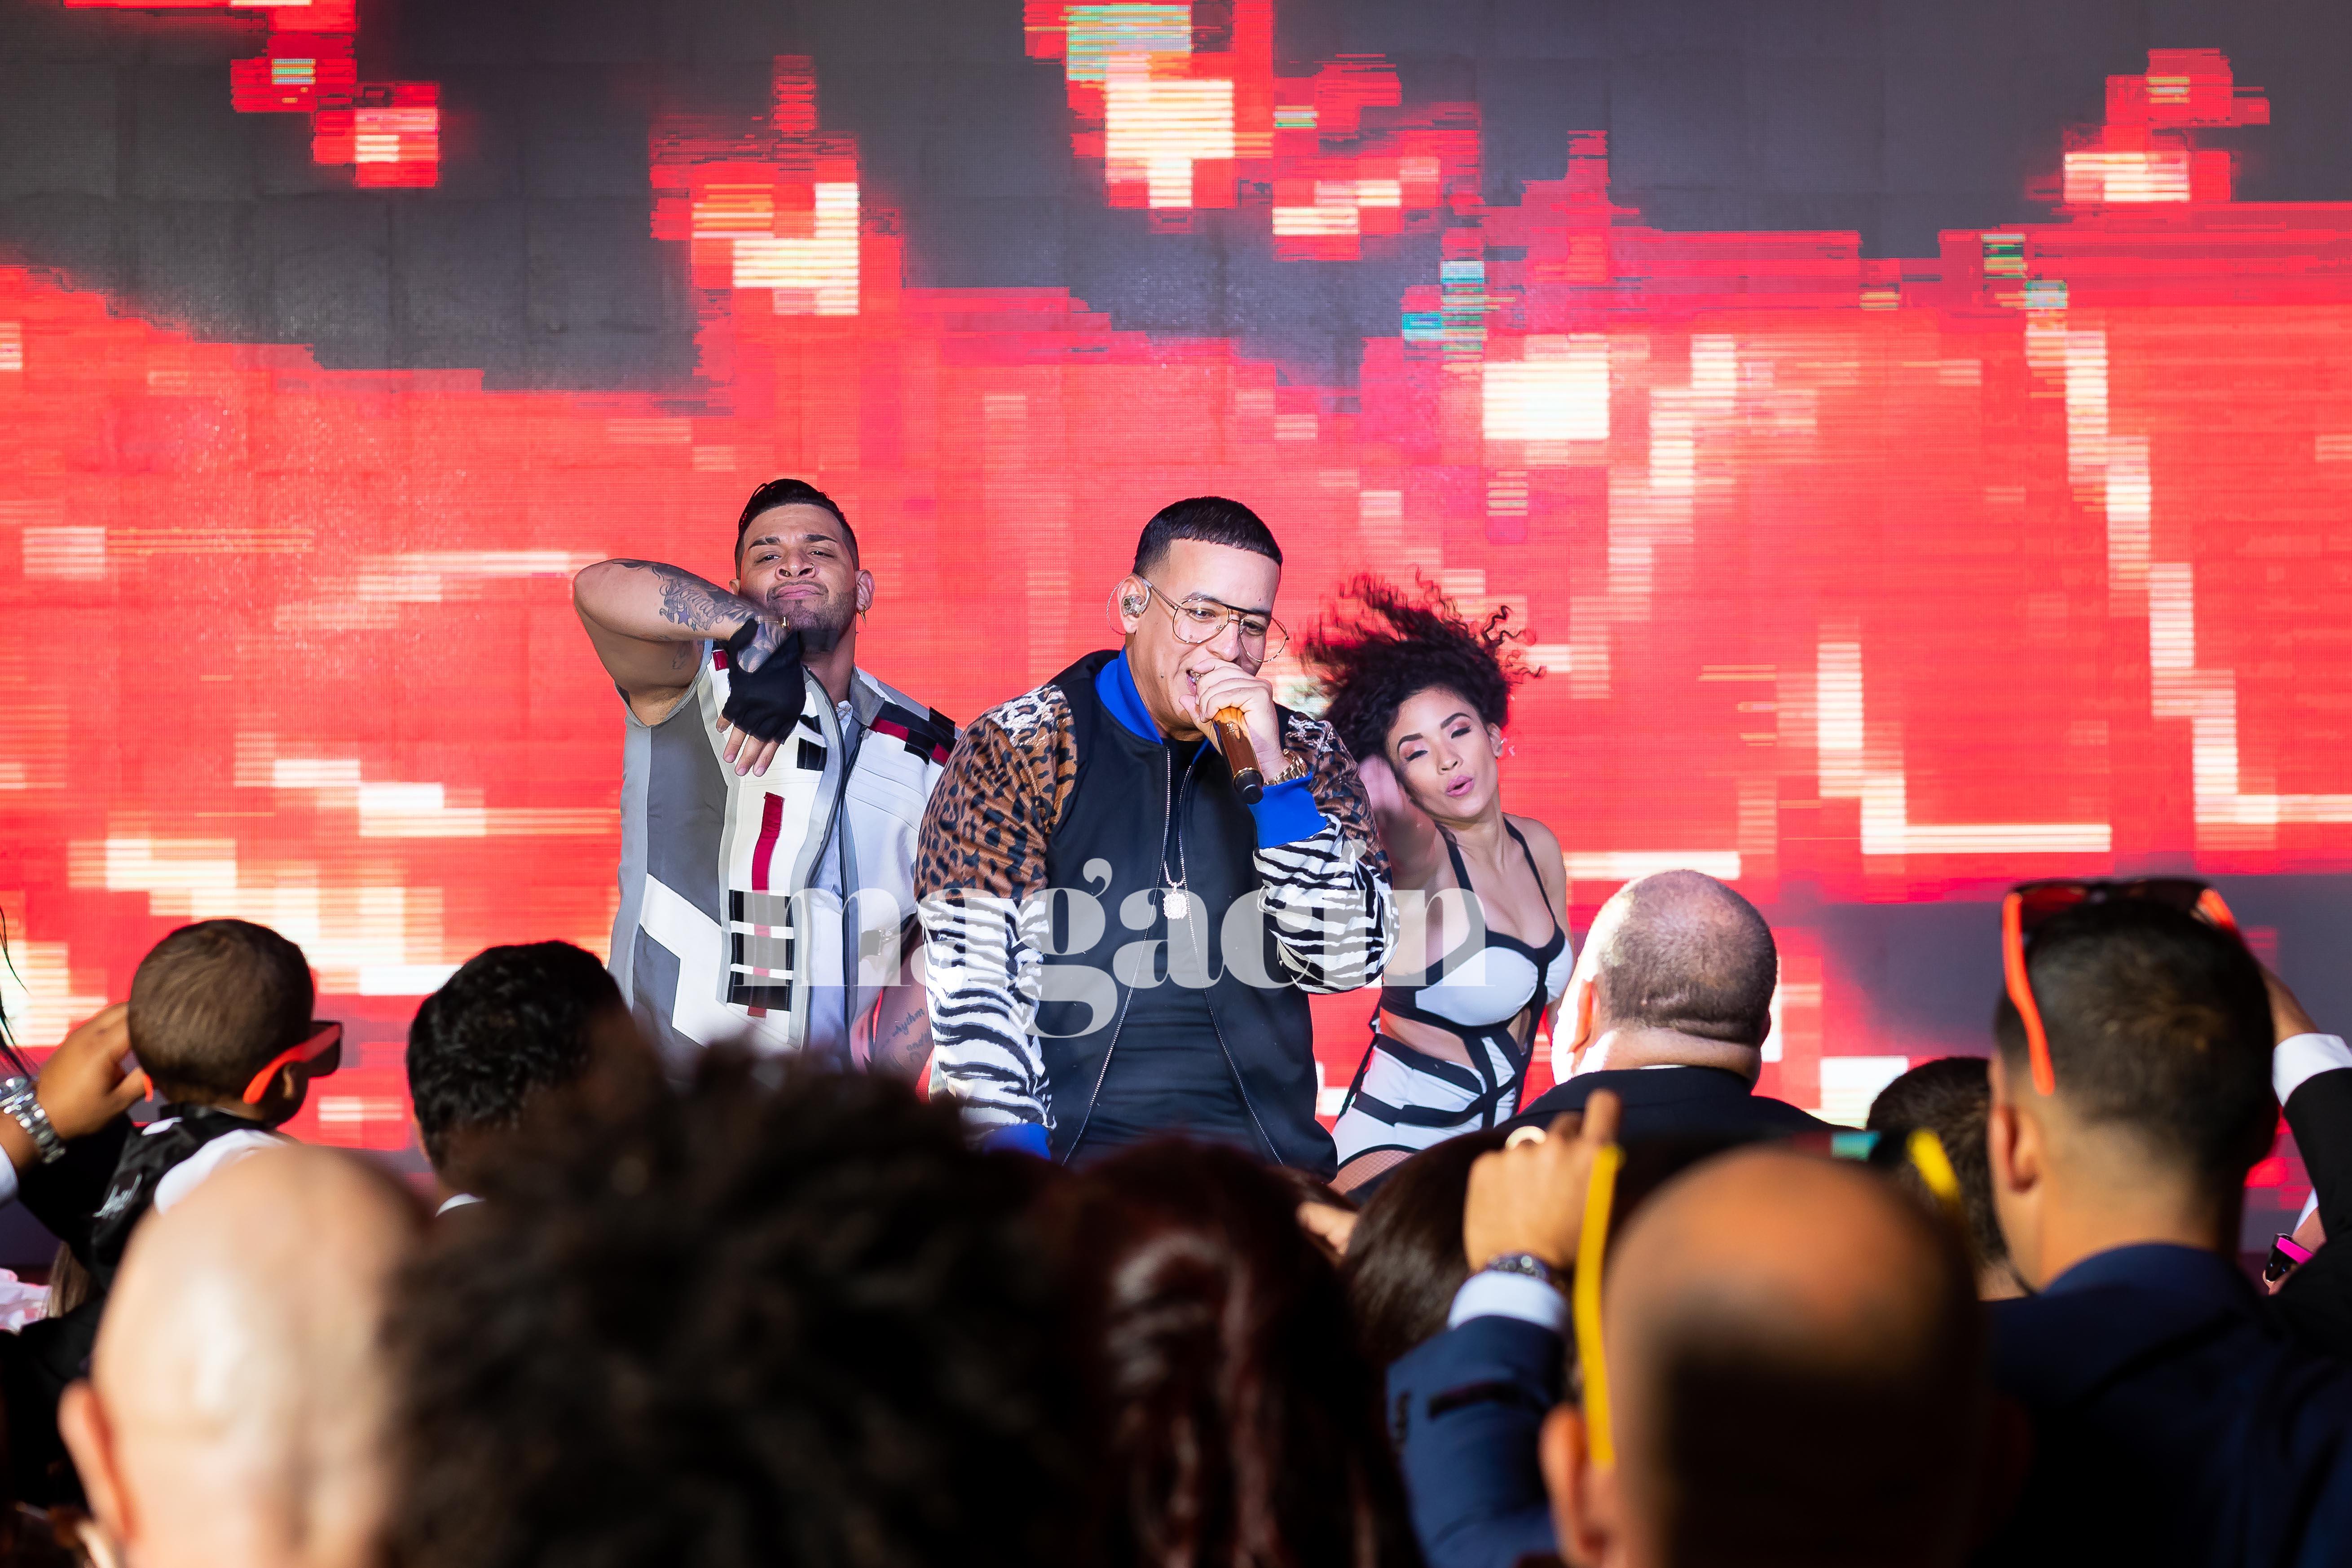 Uno de los momentos culminantes de la celebración fue una presentación del reguetonero Daddy Yankee. (Suministrada/ Claudette Montero)